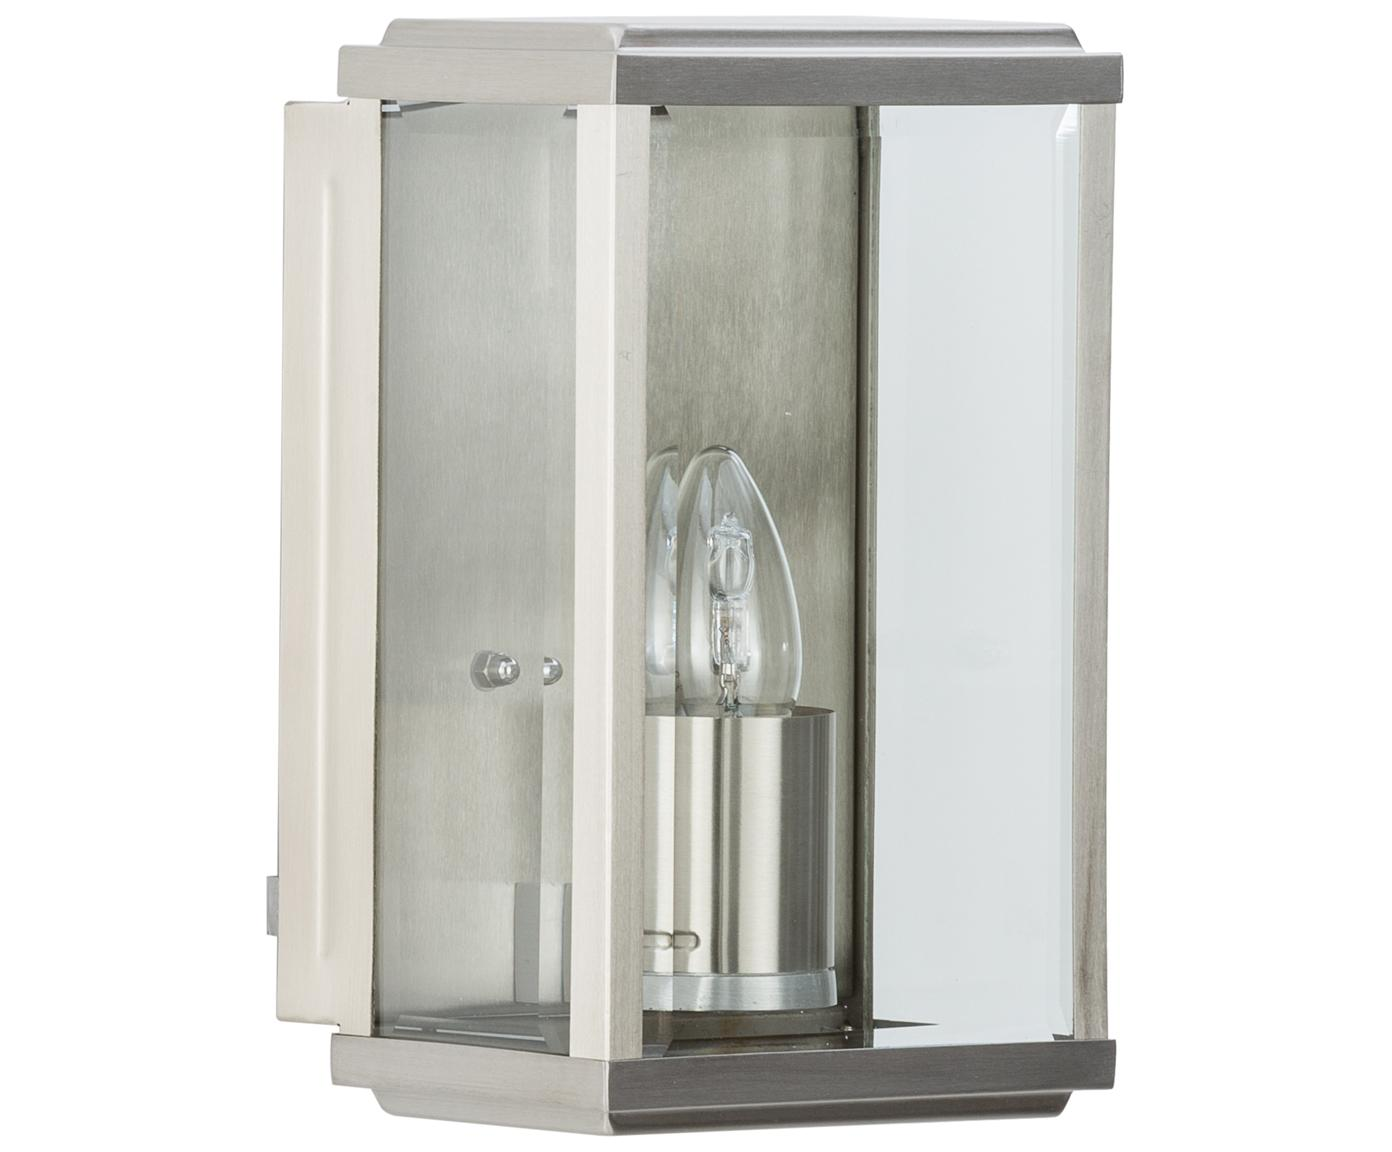 Outdoor wandlamp Wally in industrieel design, Gepolijst edelstaal met glazen inleg, Edelstaalkleurig, 16 x 25 cm